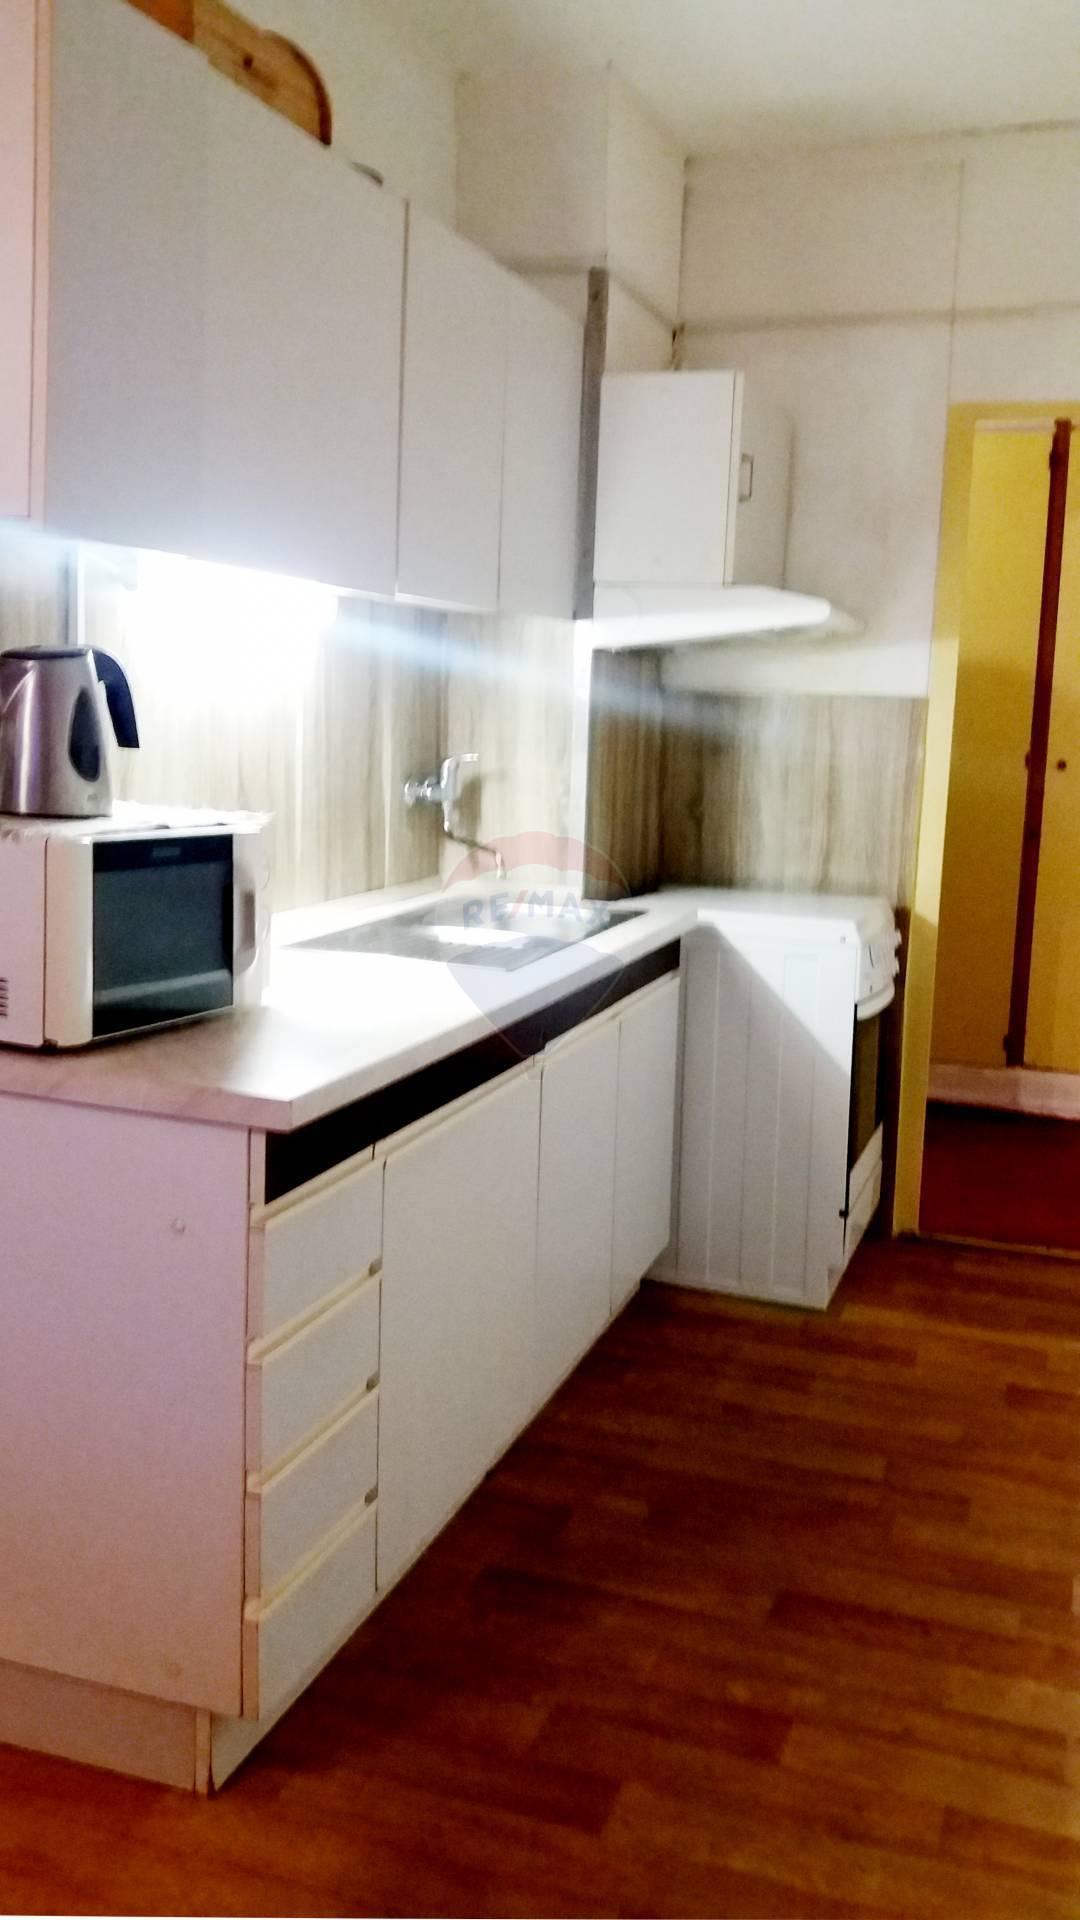 Na prenájom 3-izbový byt (67m2) v Nitre na ulici Ľudovíta Okánika.